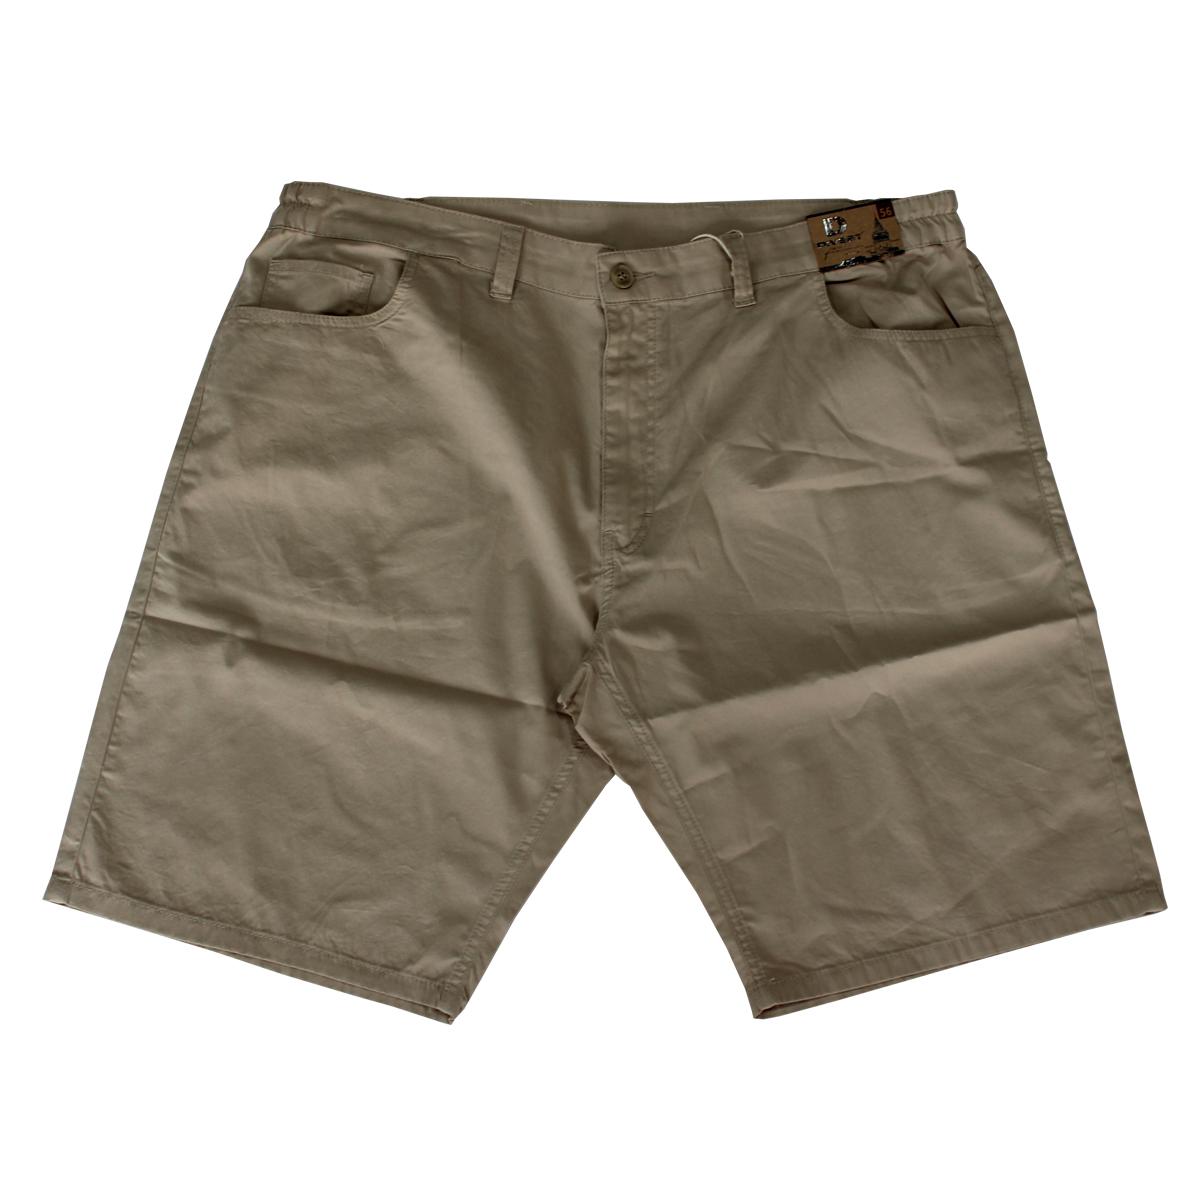 Pantalon scurt bej din doc, Marime 66 - egato.ro